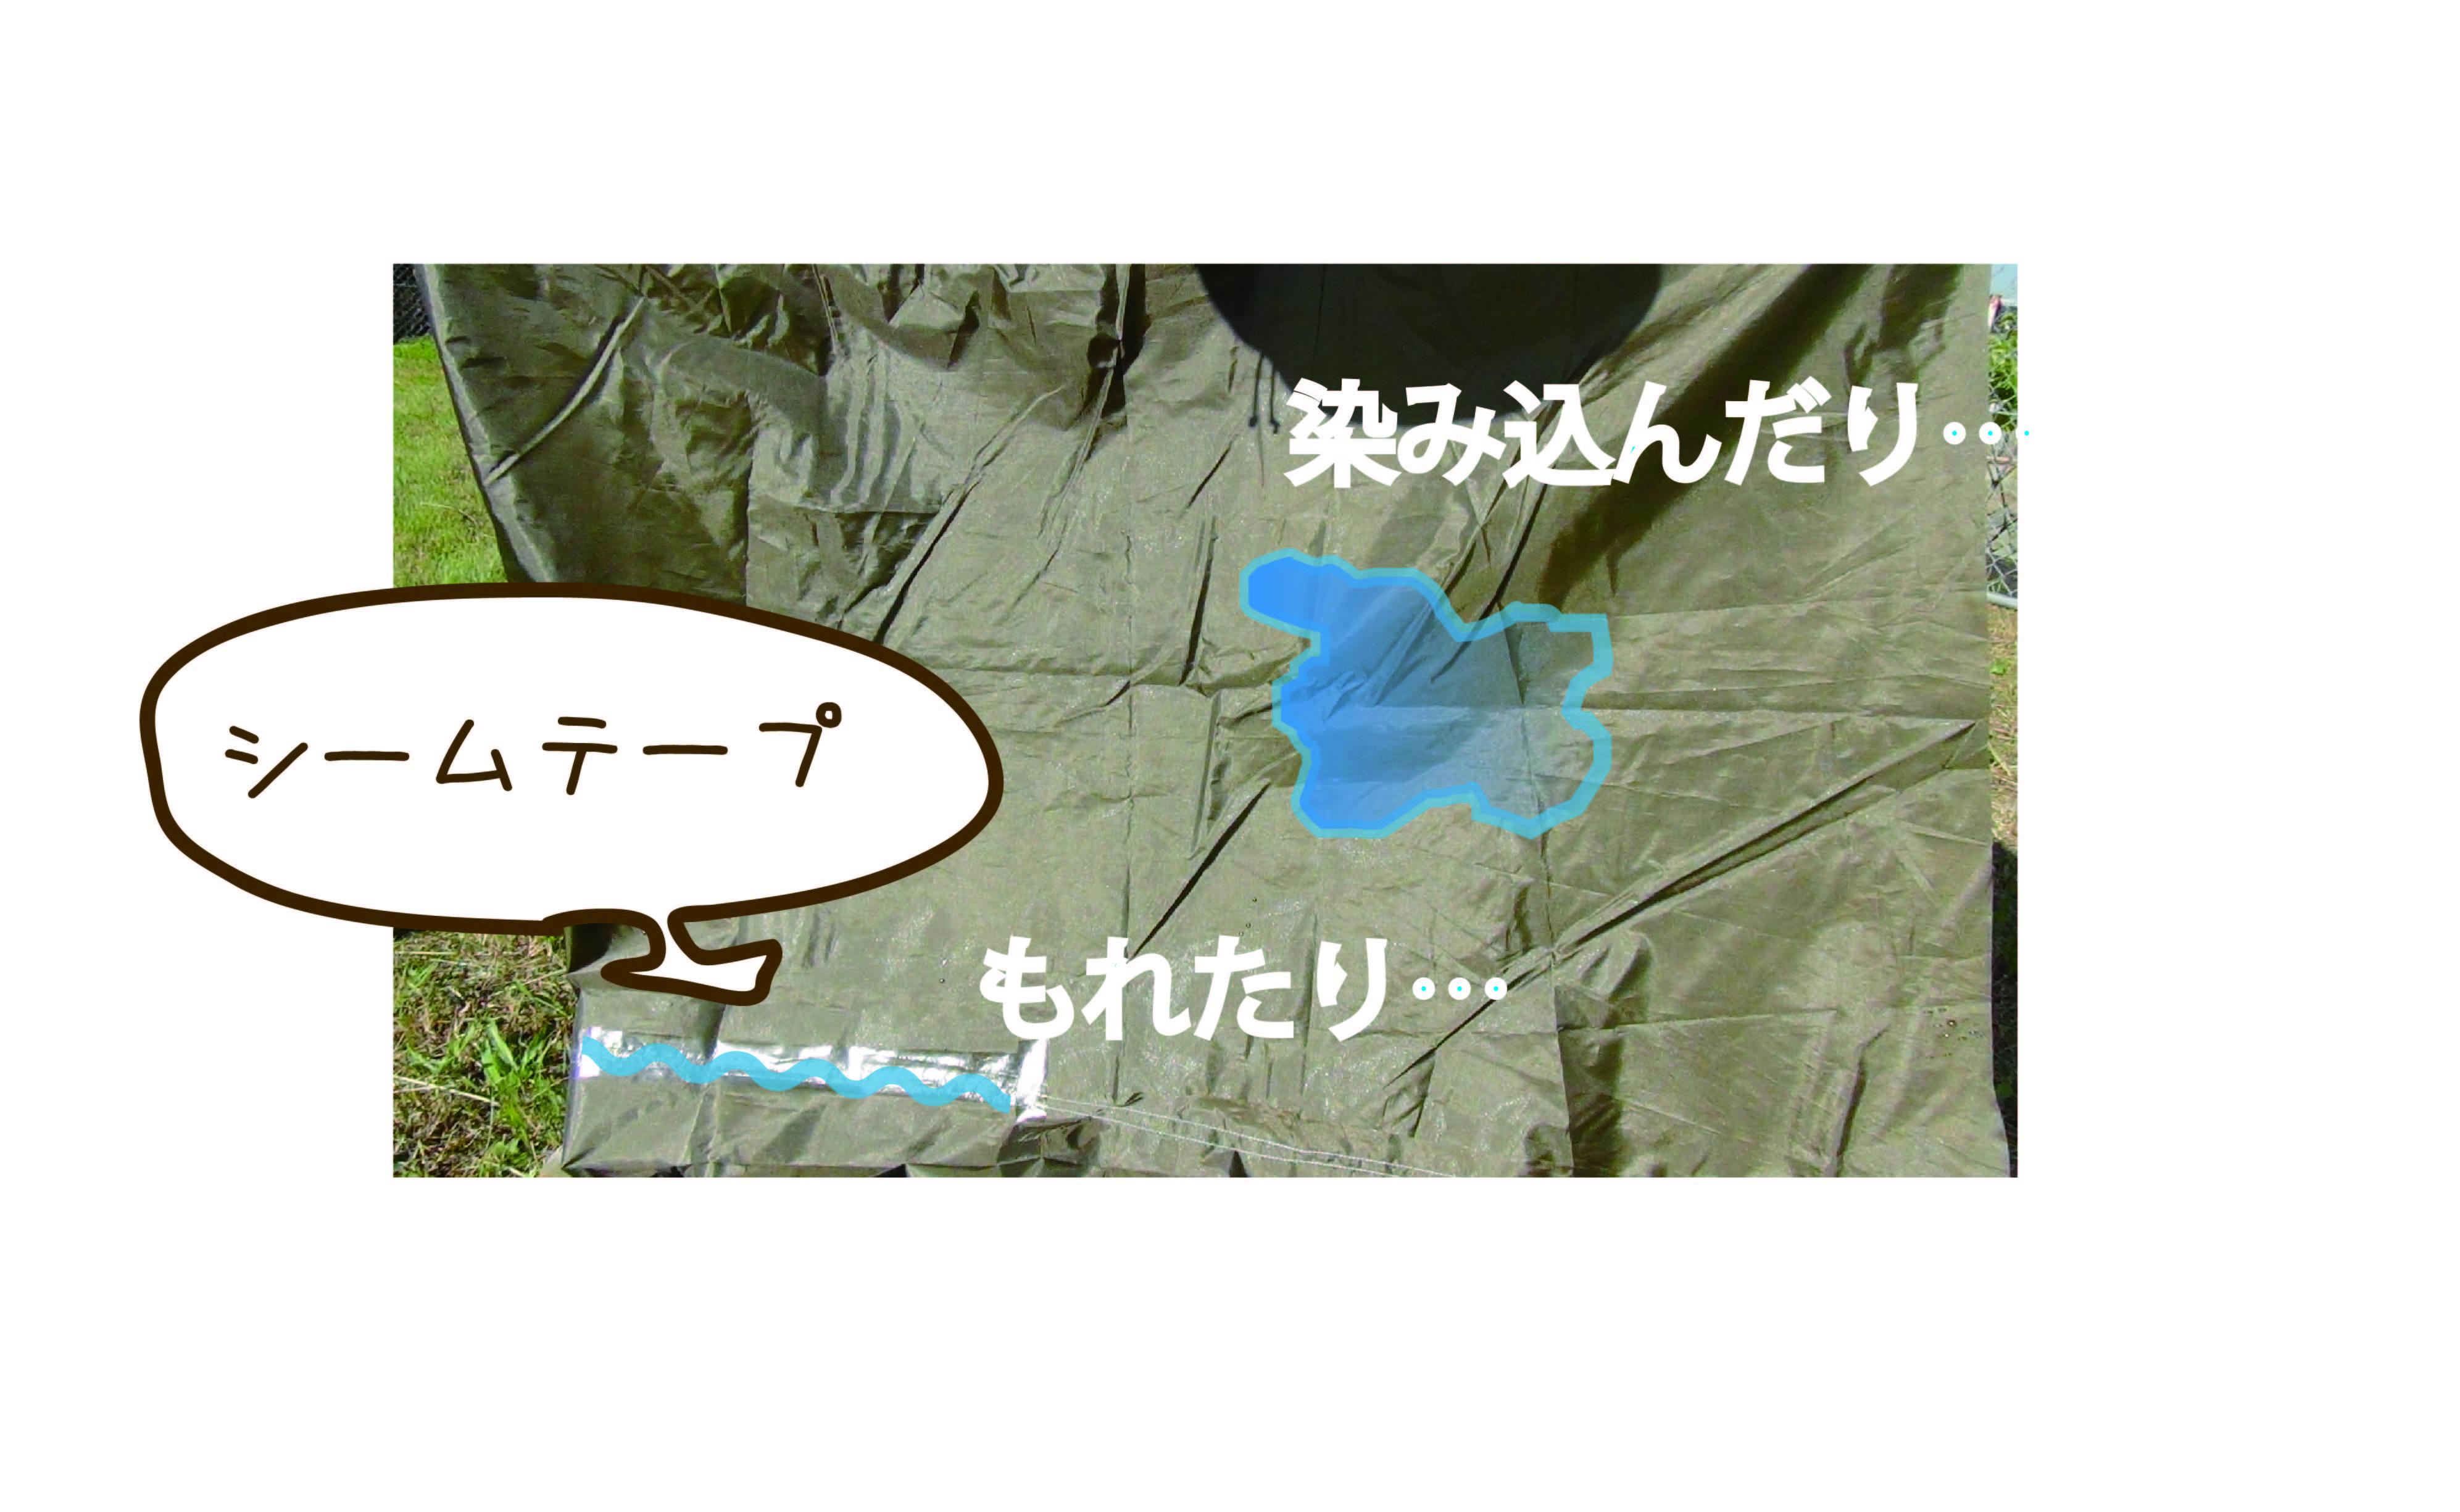 #001テントのメンテナンスー防水性を復活させる方法-03